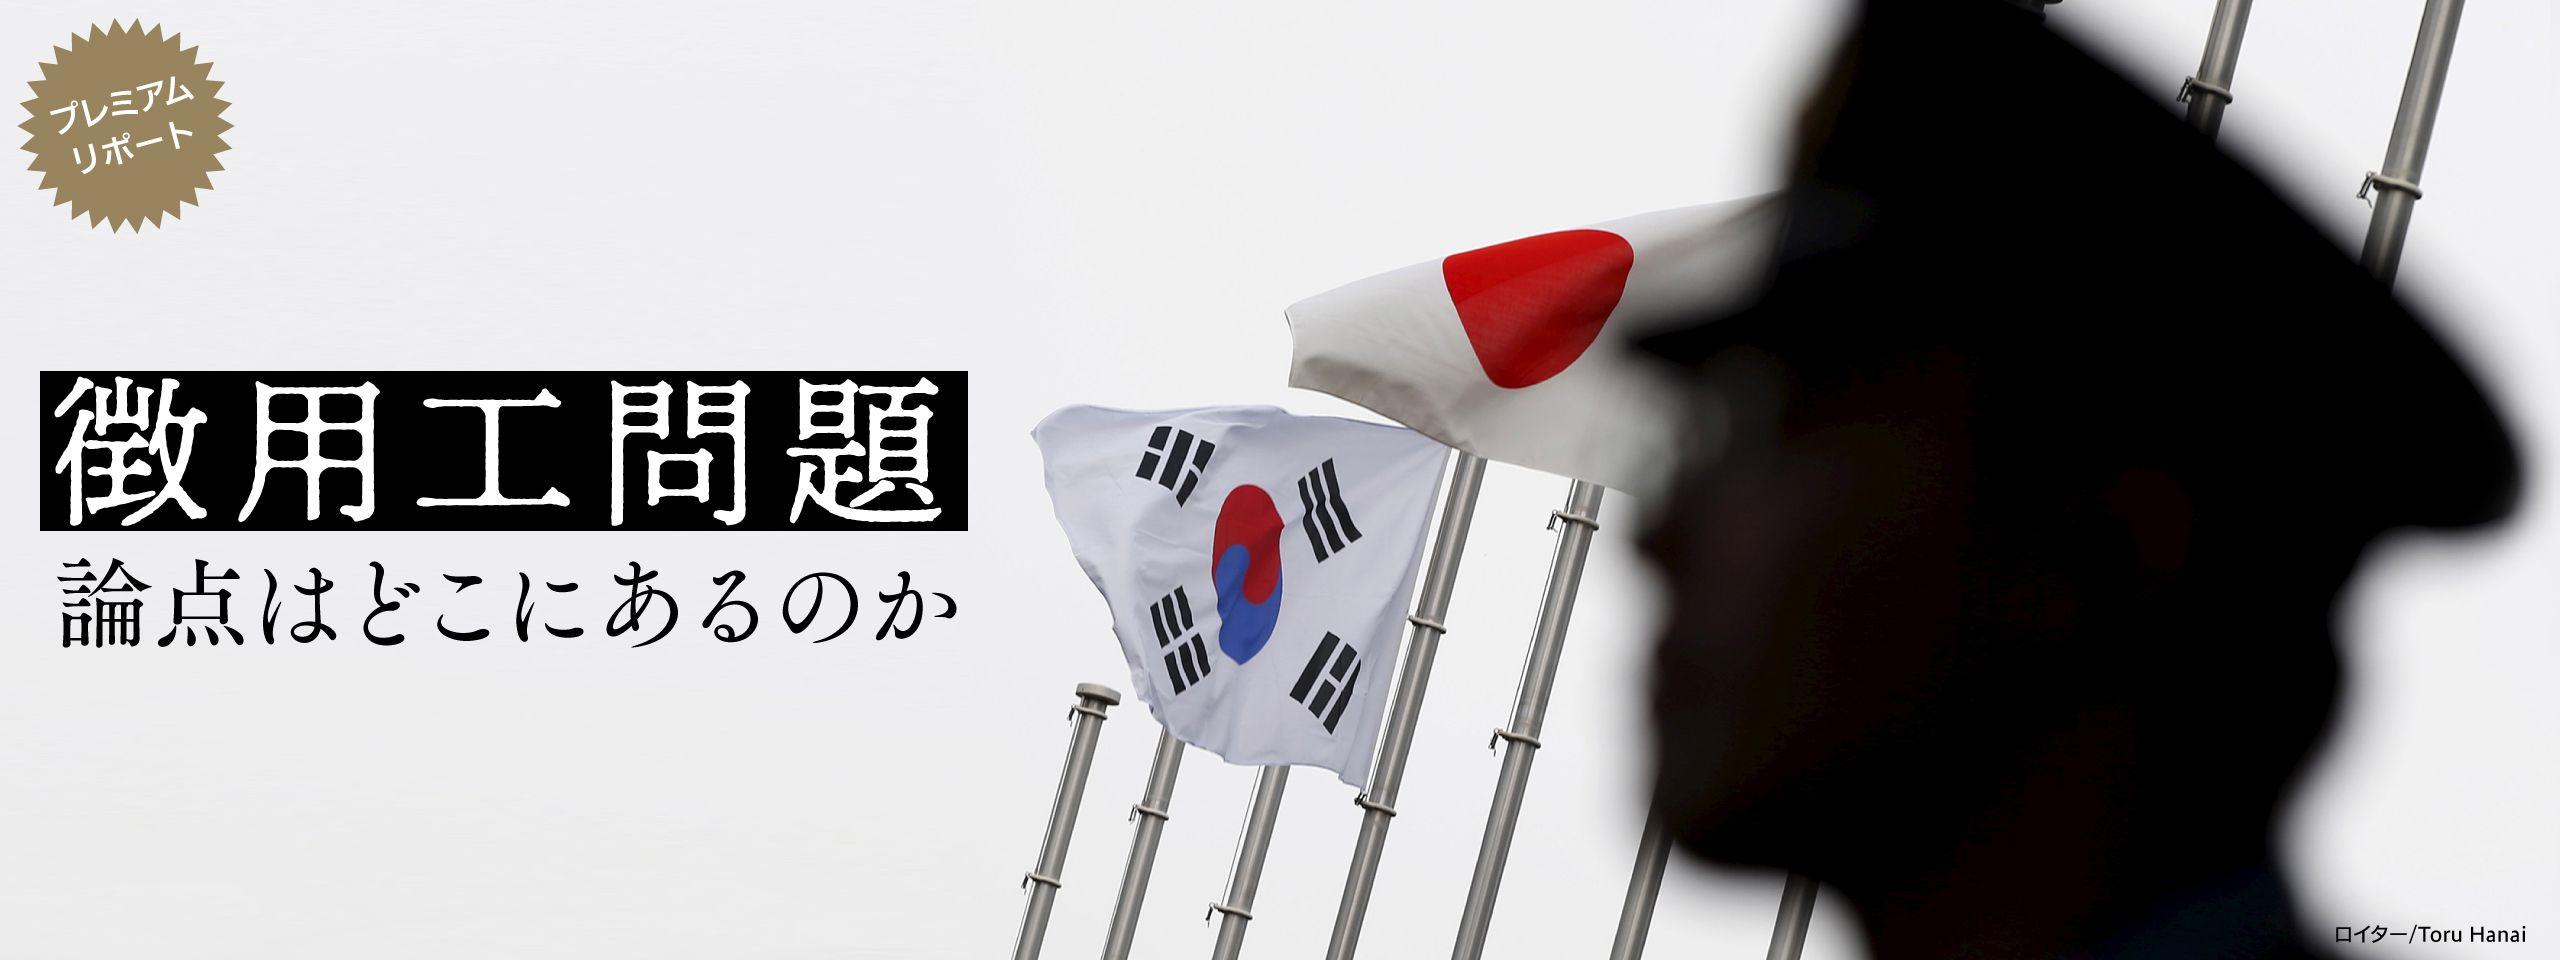 日韓両政府は「徴用工判決」を放置してはならない | 「徴用工問題」の ...